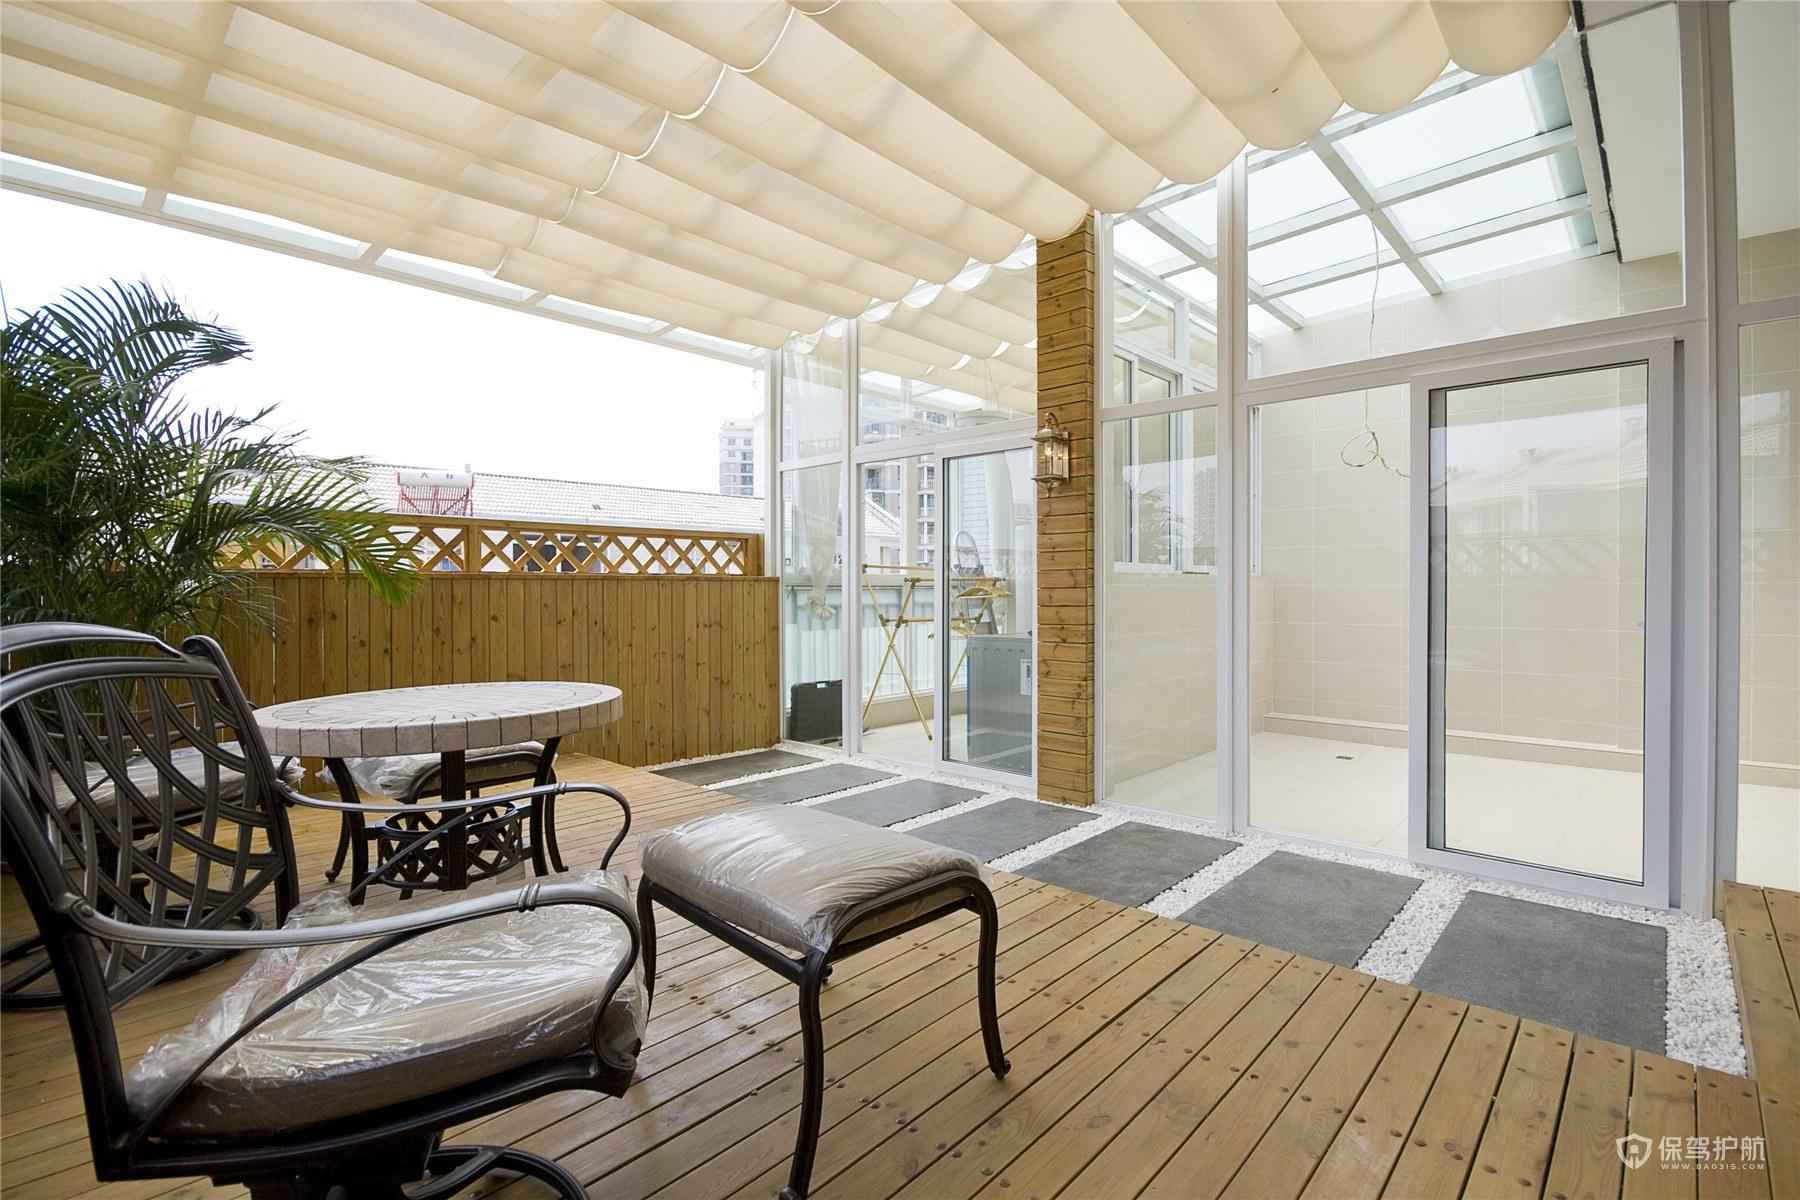 玻璃房顶怎么隔热?玻璃房顶隔热方法有哪些?